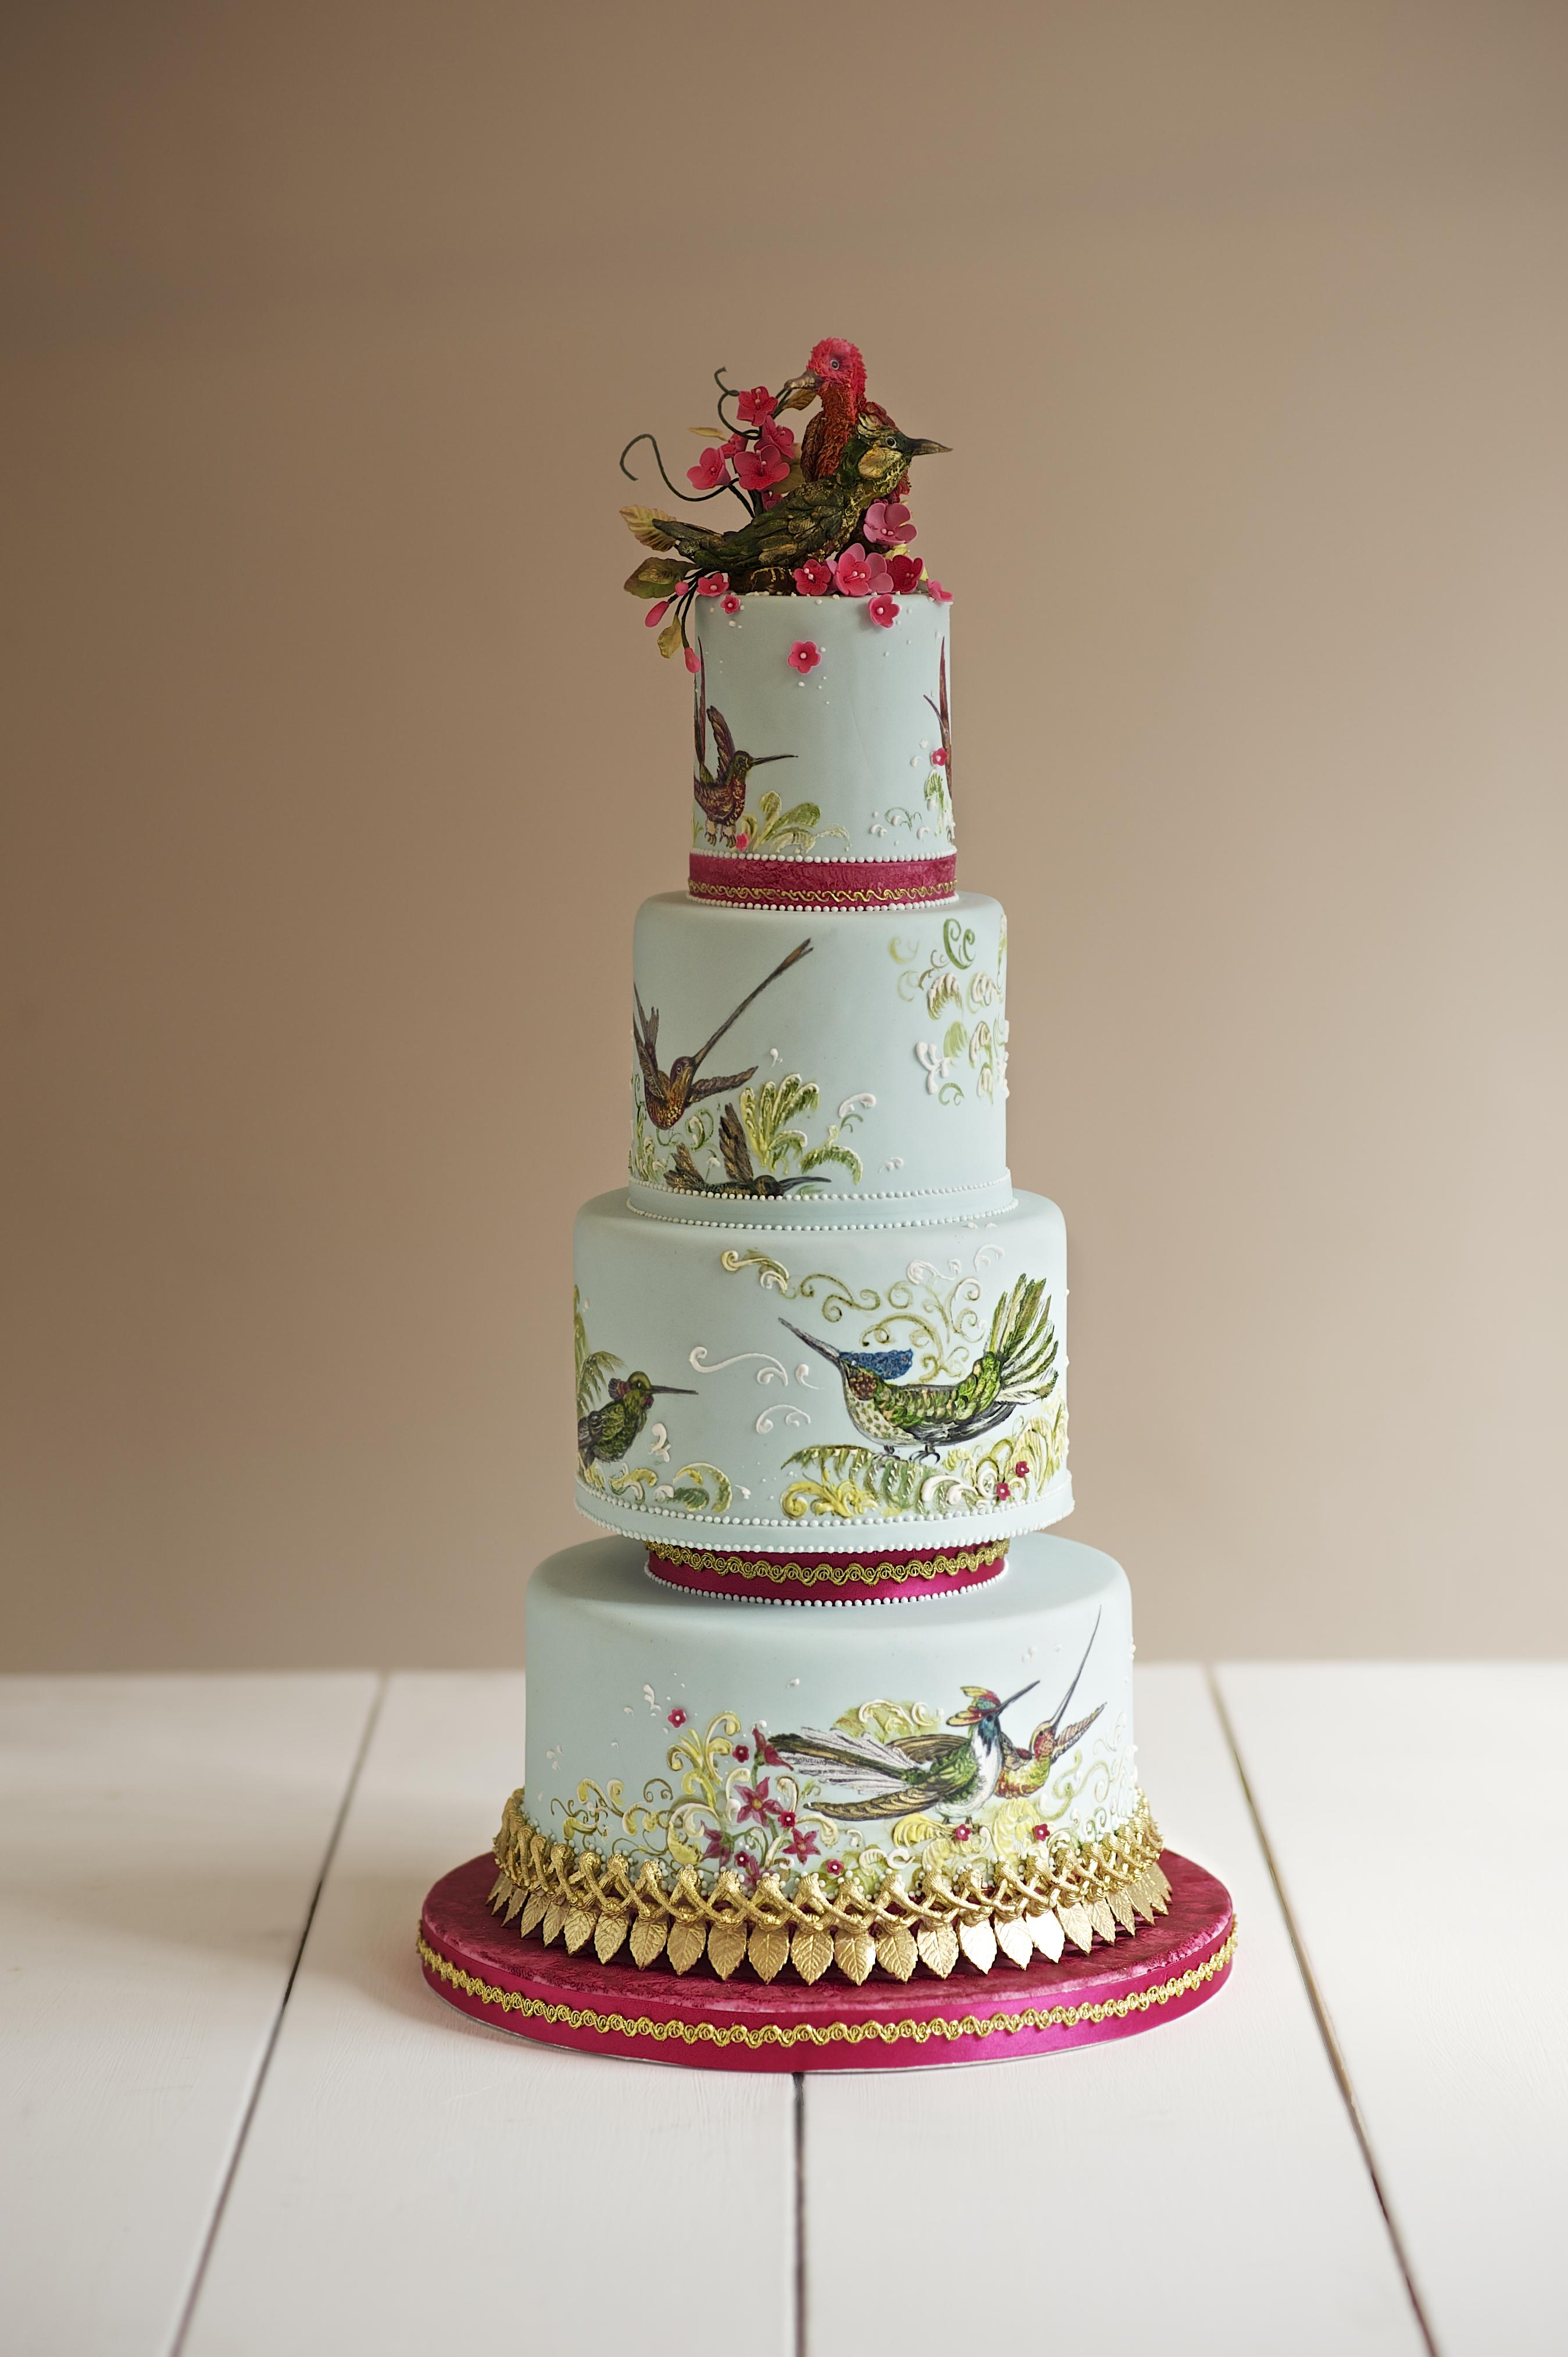 Handpainted bird green wedding cakeT